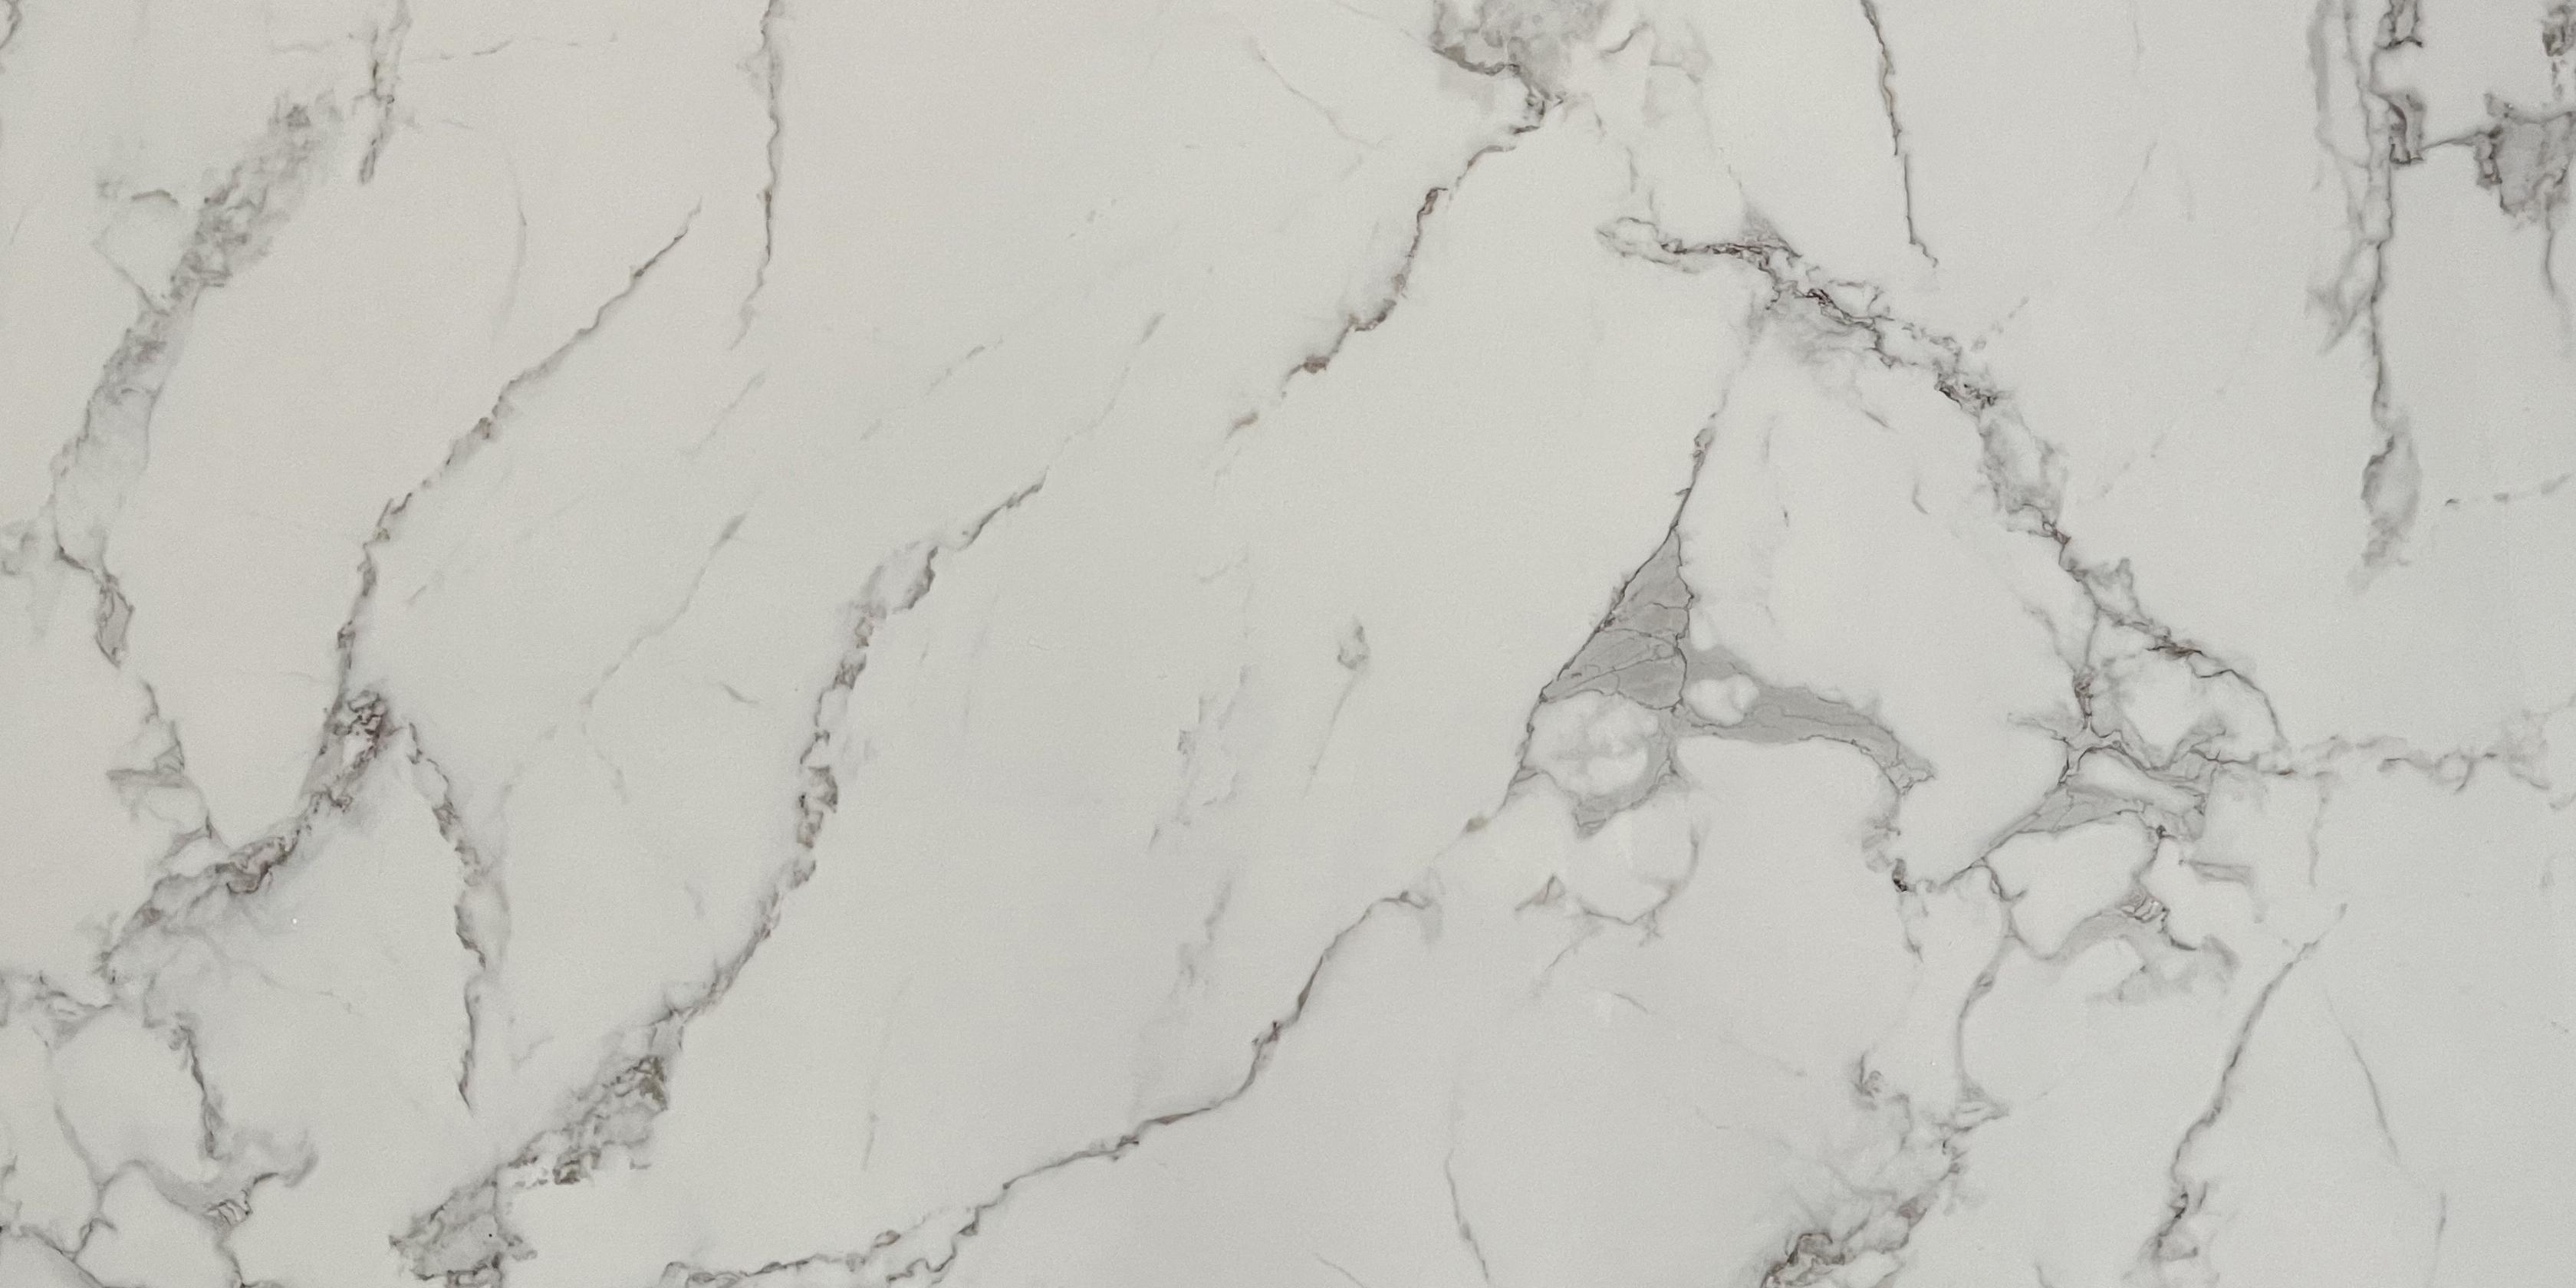 Wandpaneel/Wandfliese Dekoline Carrara